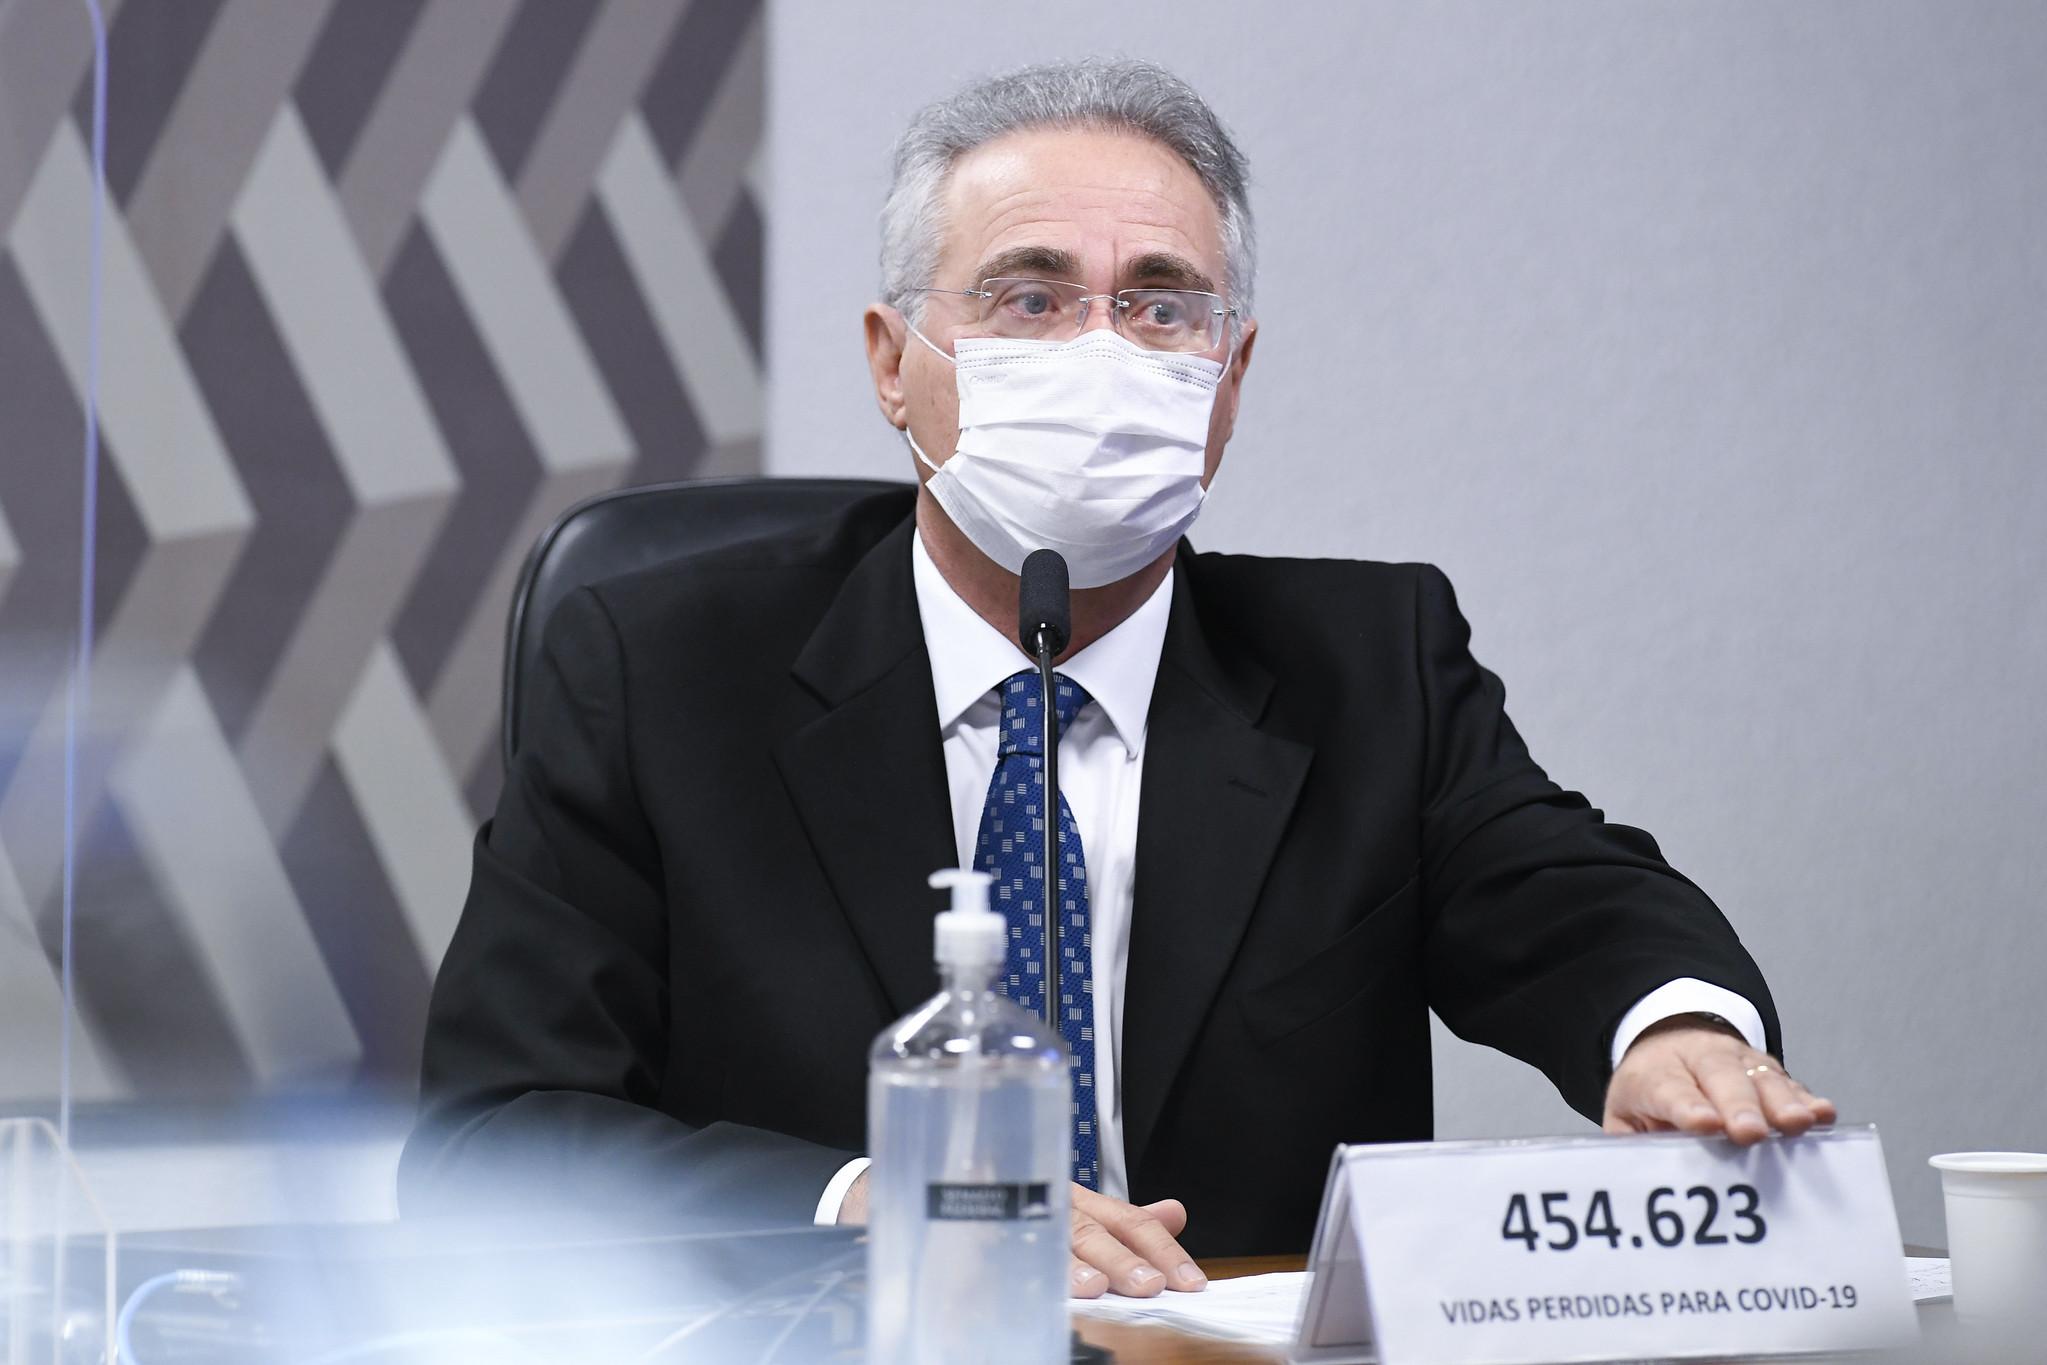 IMAGEM: 'Vossa excelência não está falando a verdade', diz Renan a Elcio Franco